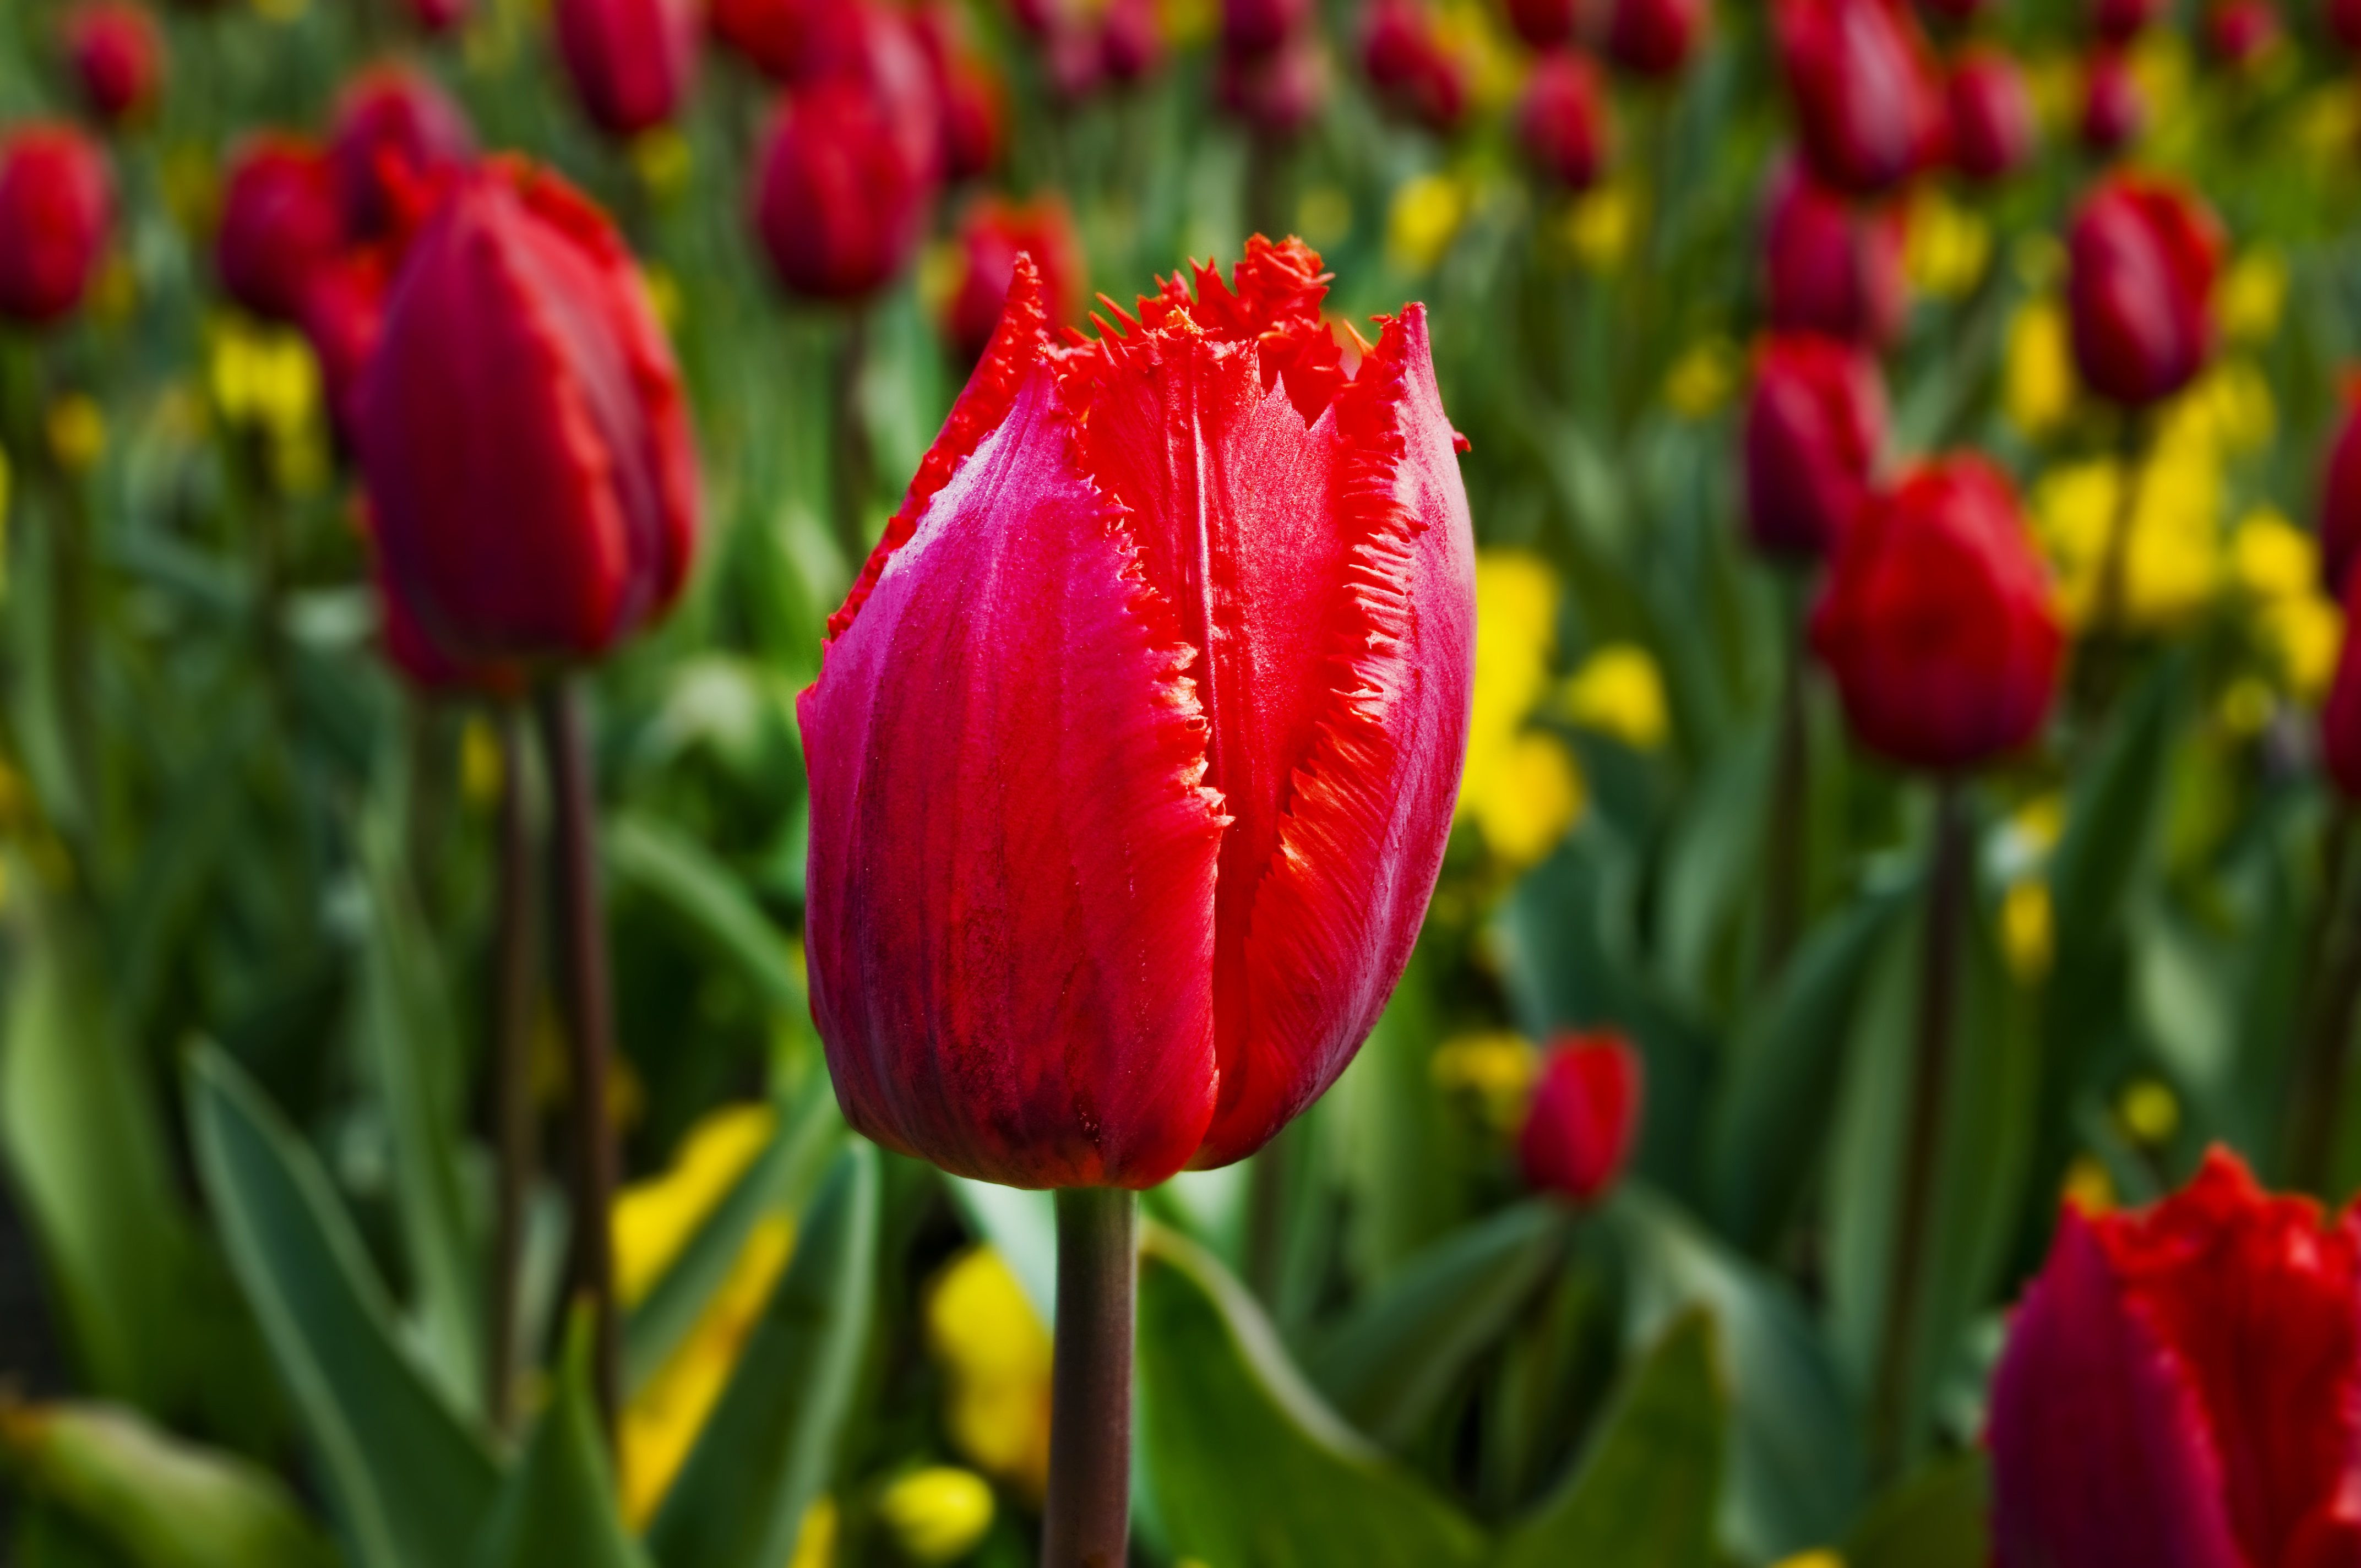 Klomb ogrodowy czyli czerwony tulipan